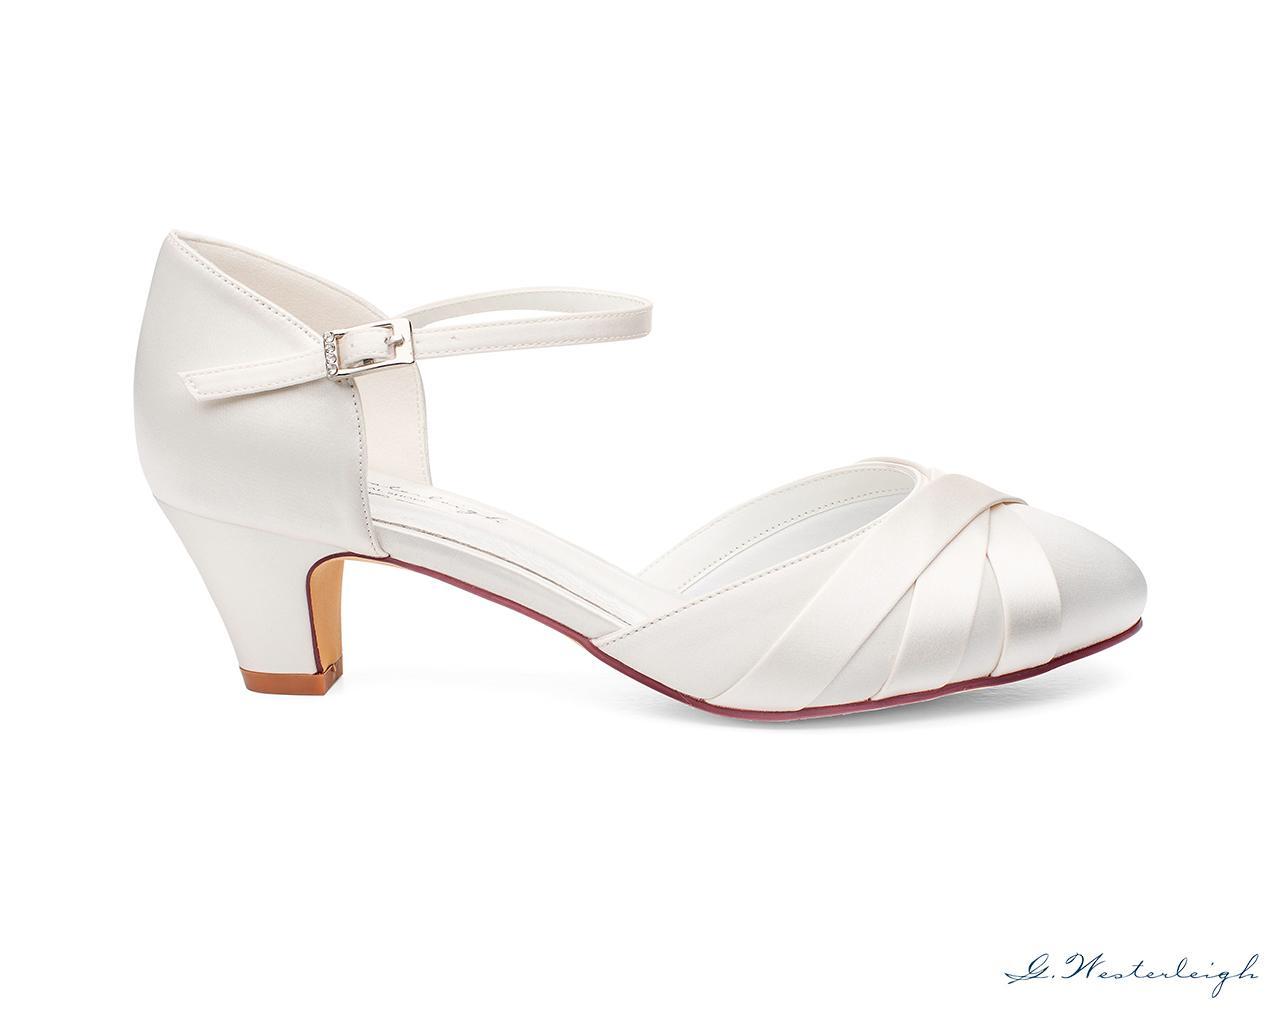 Svadobné topánky Blanca - Obrázok č. 3